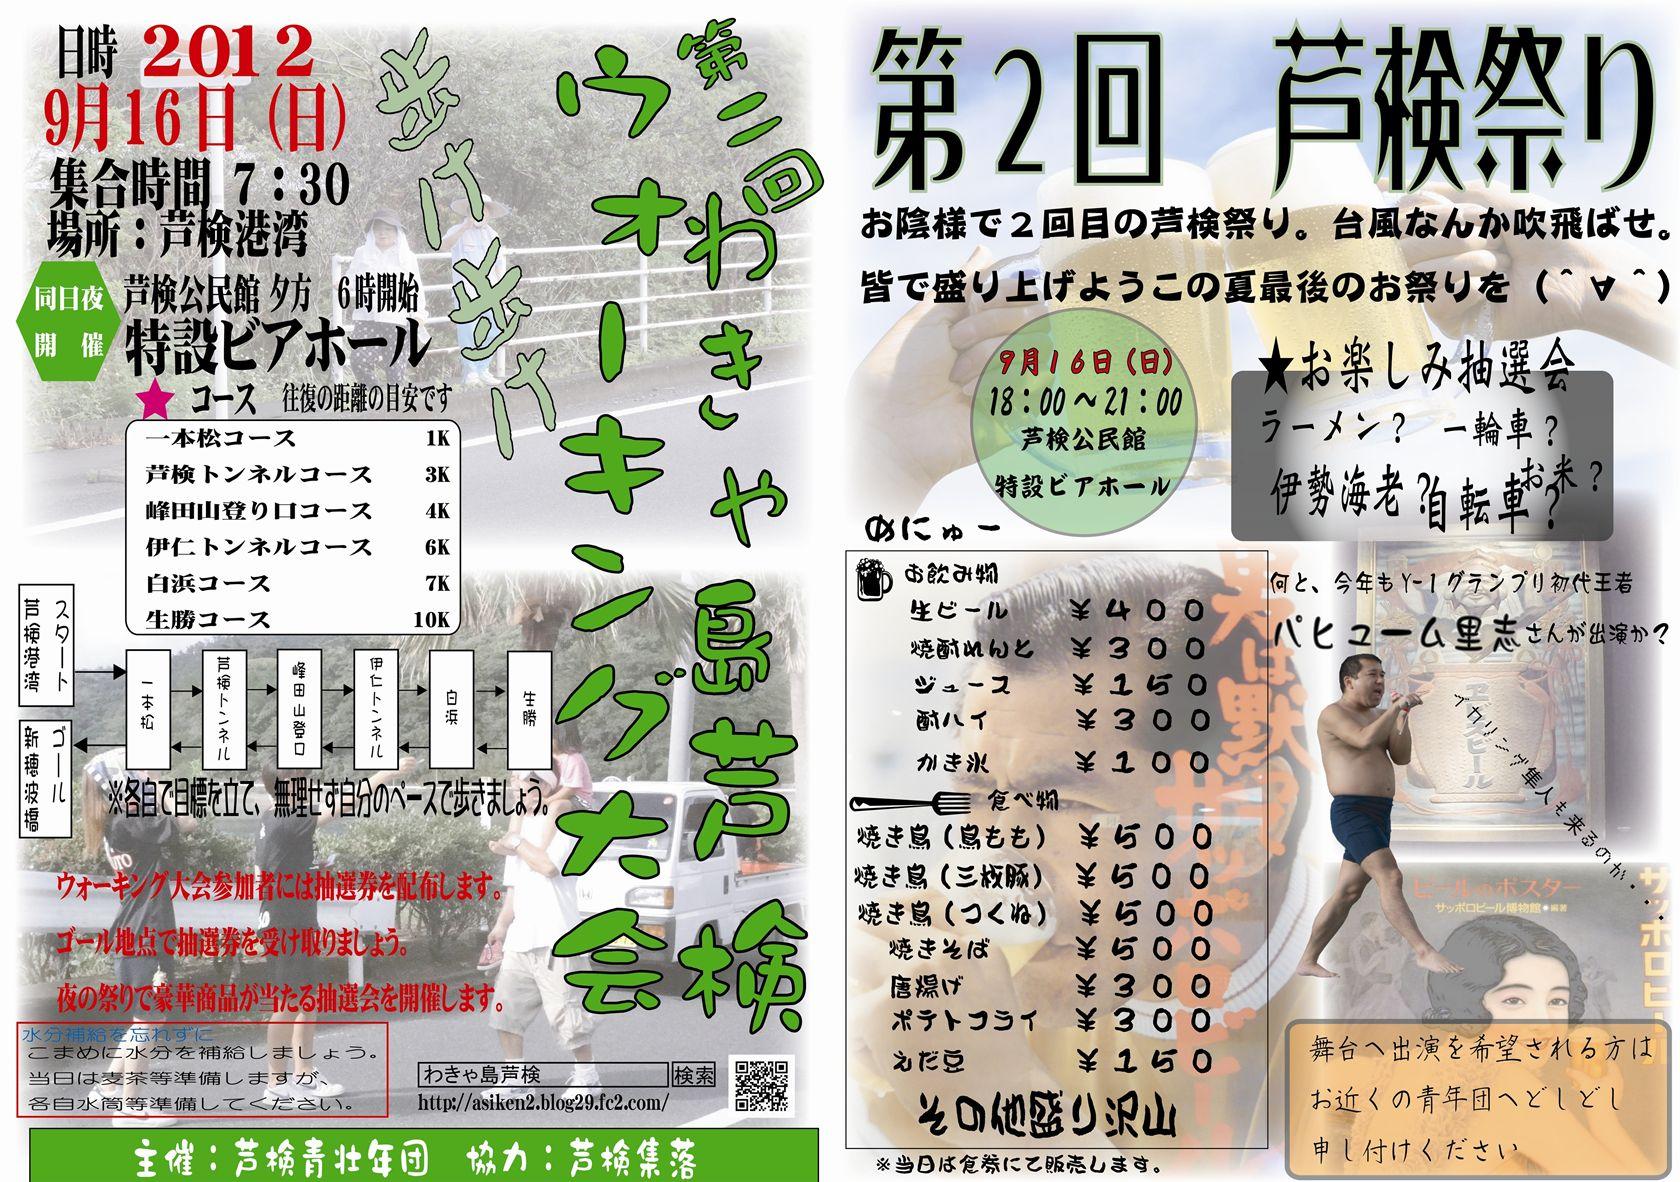 第2回目ウォーキング大会と芦検祭り